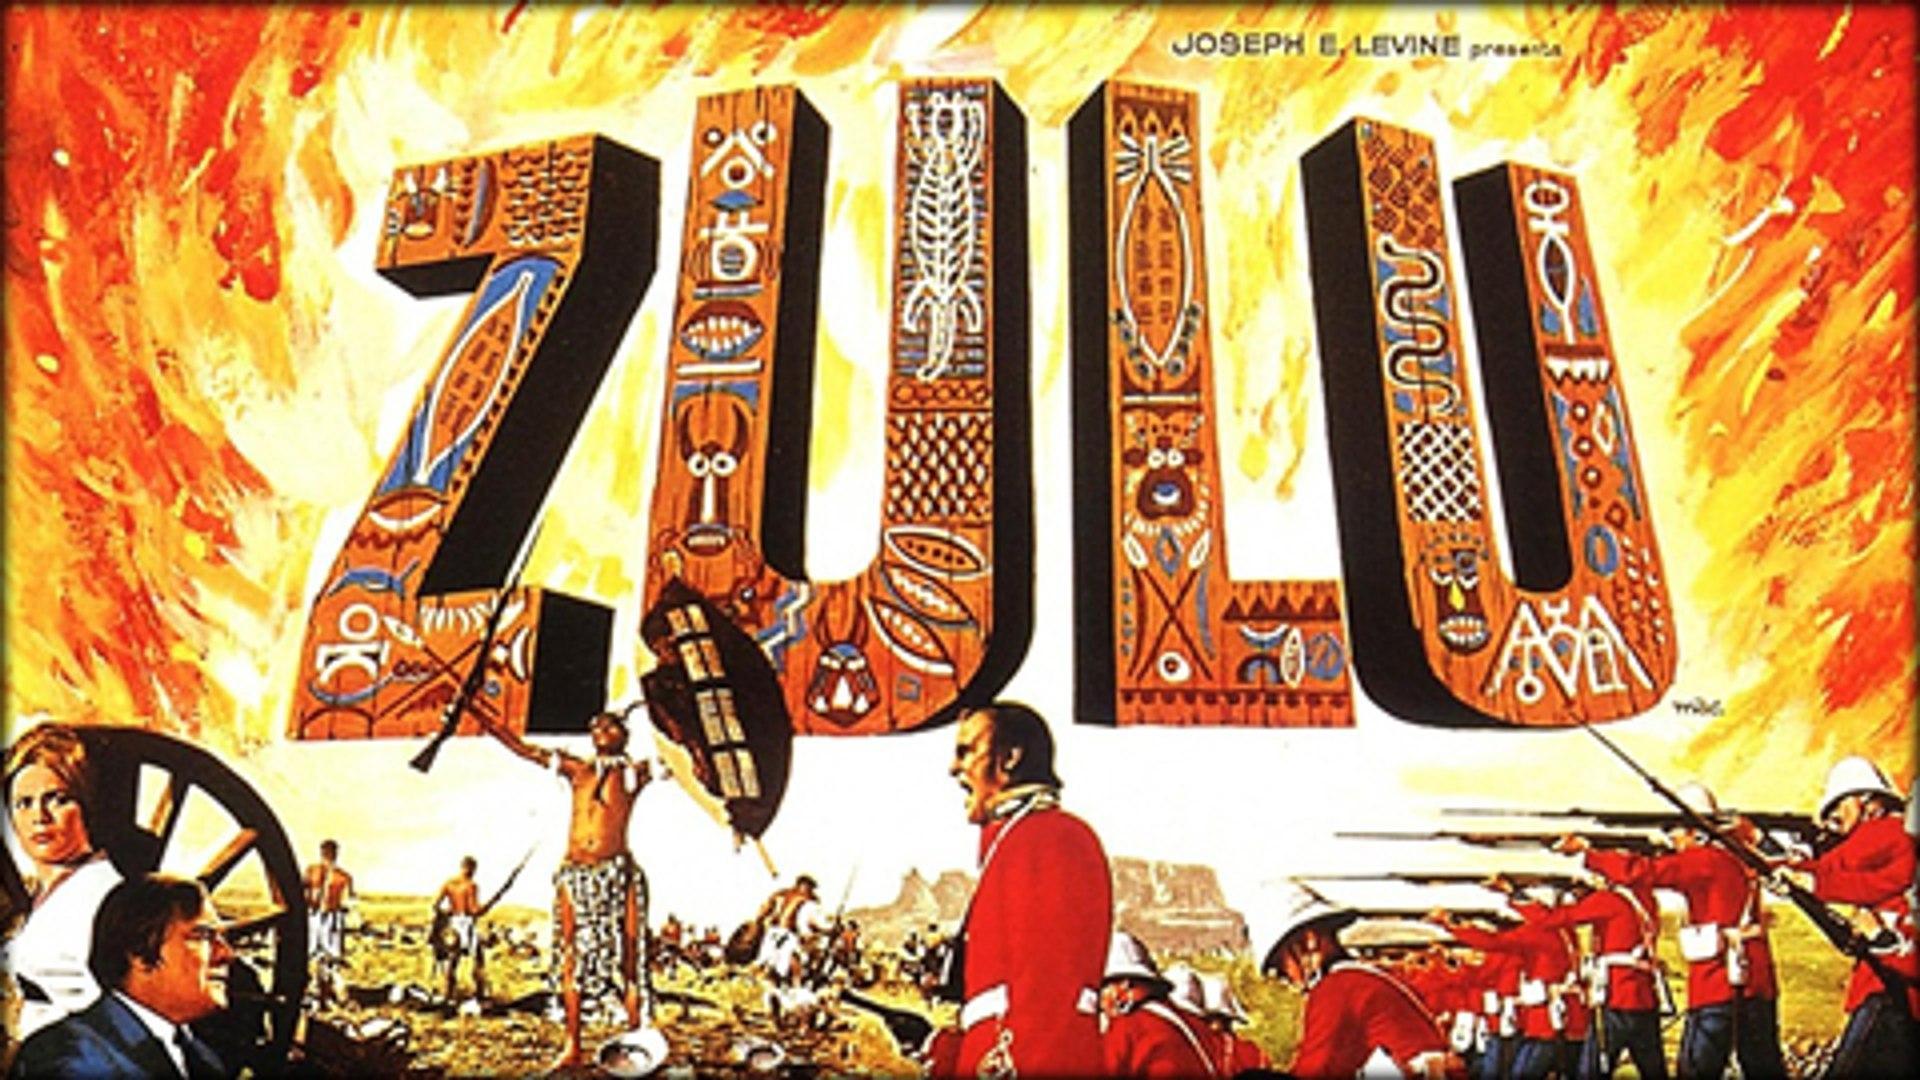 Zulu (1964) - Stanley Baker, Jack Hawkins, Ulla Jacobsson - Feature (Drama, History, War)